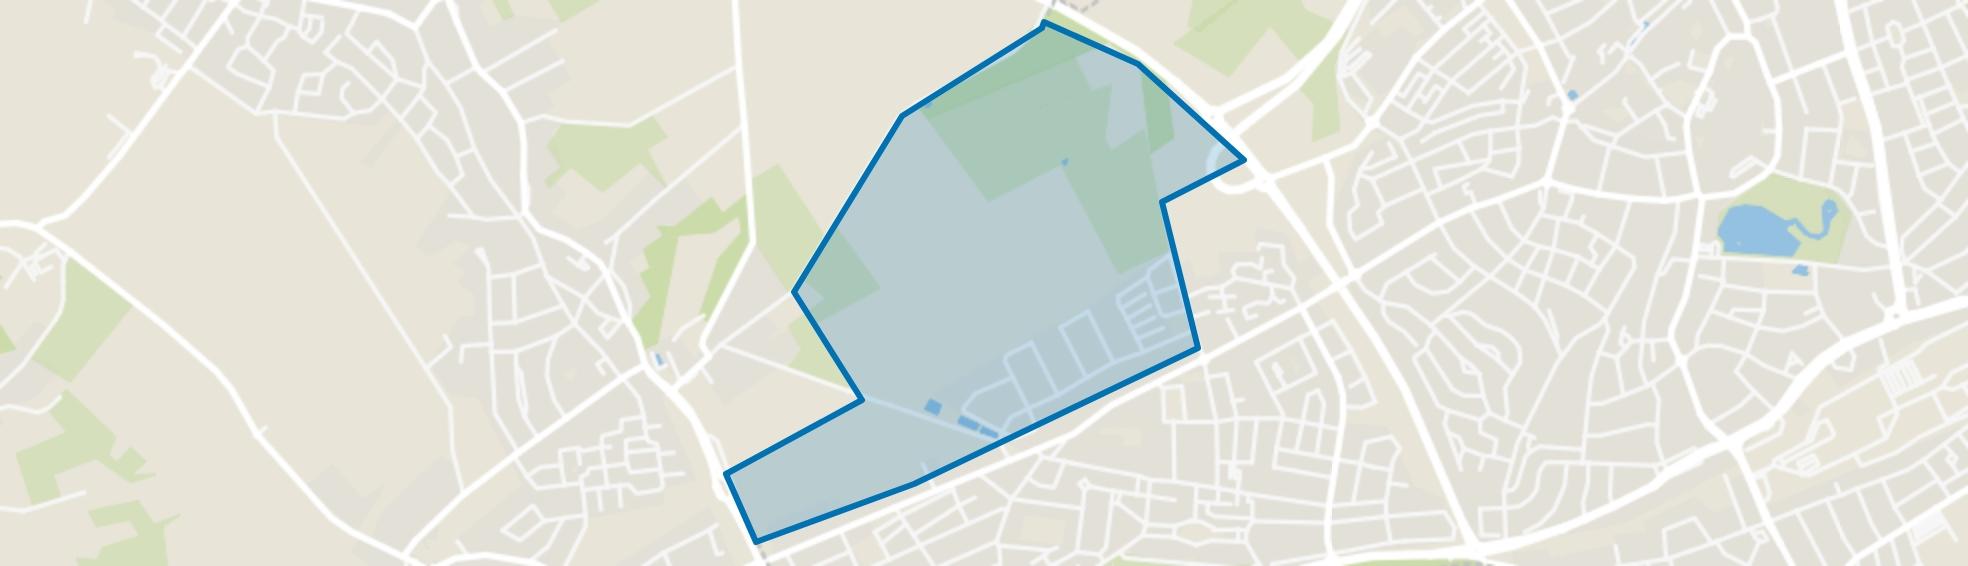 Amstenraderveld, Brunssum map